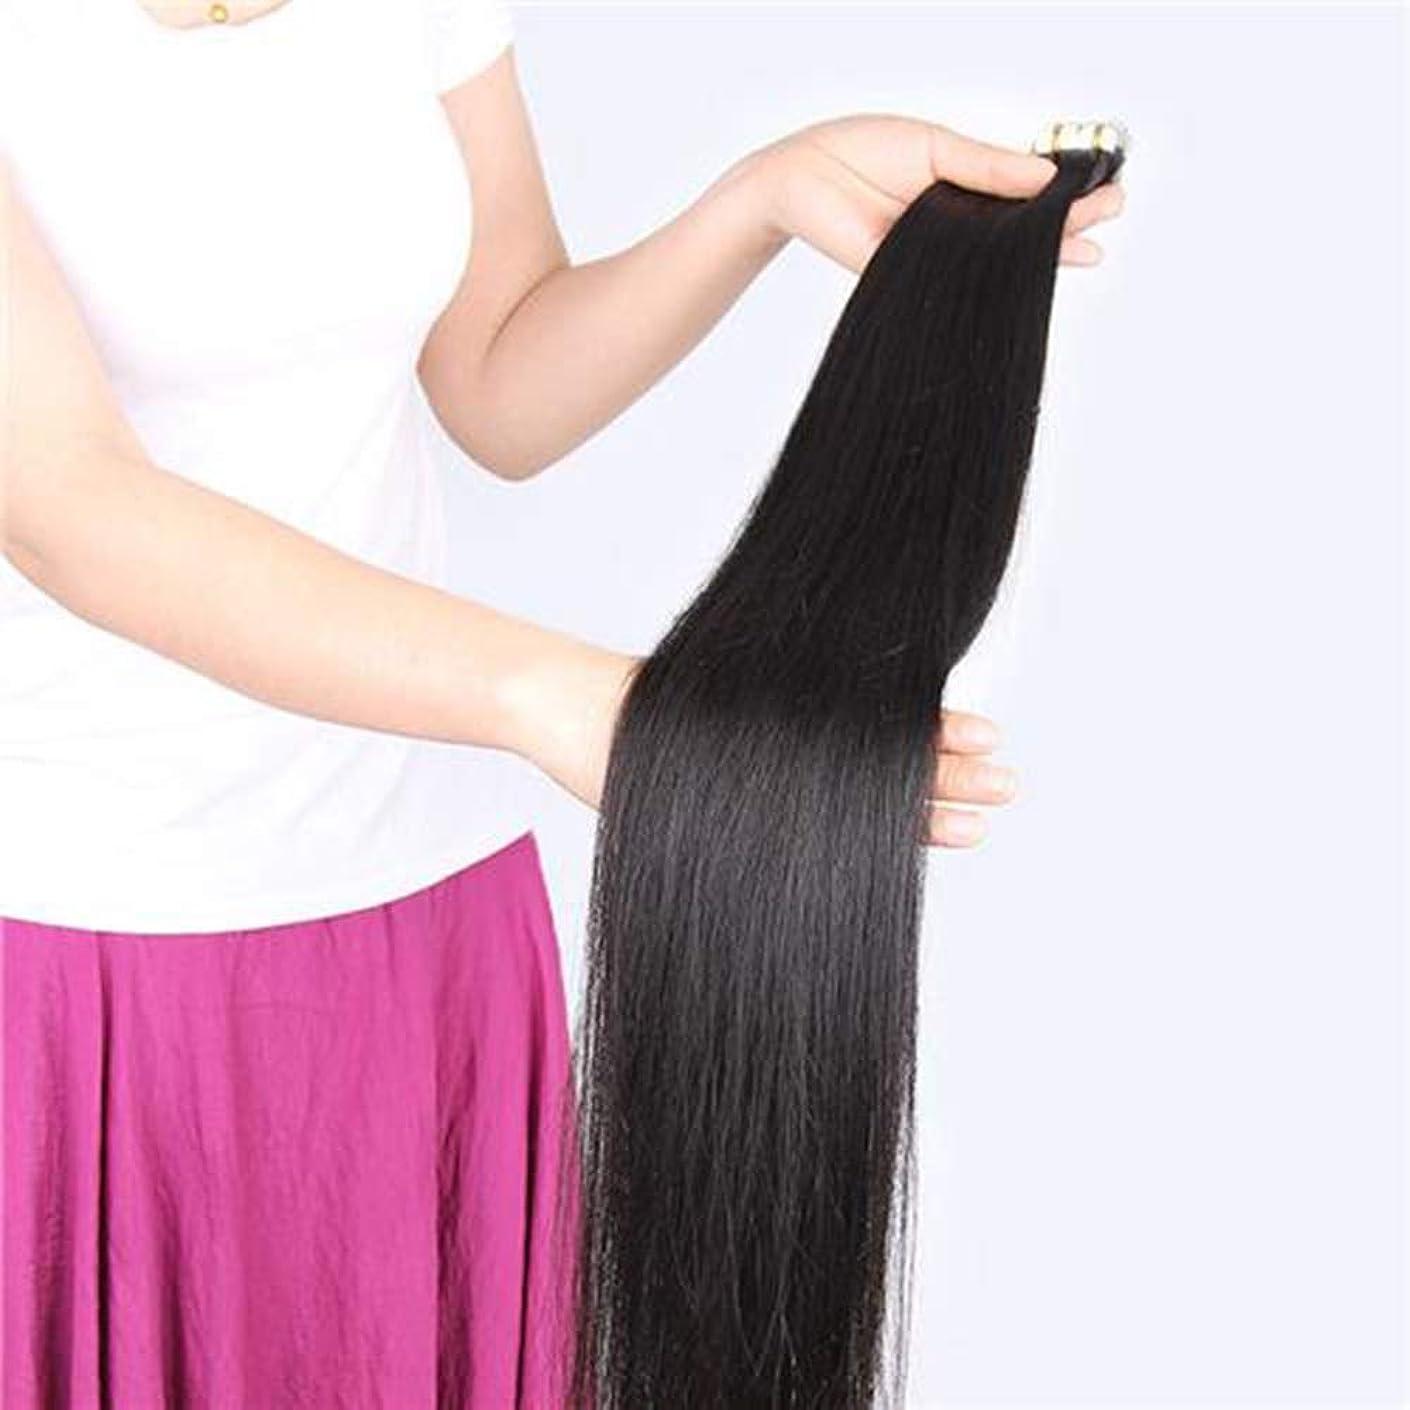 悲劇的な帰するメールYrattary 人毛エクステンションクリップイン - ダブルよこ糸 - 100%本物の髪20ピースフルヘッド用女性合成髪レースかつらロールプレイングかつらロングとショートの女性自然 (色 : Natural color, サイズ : 60cm)